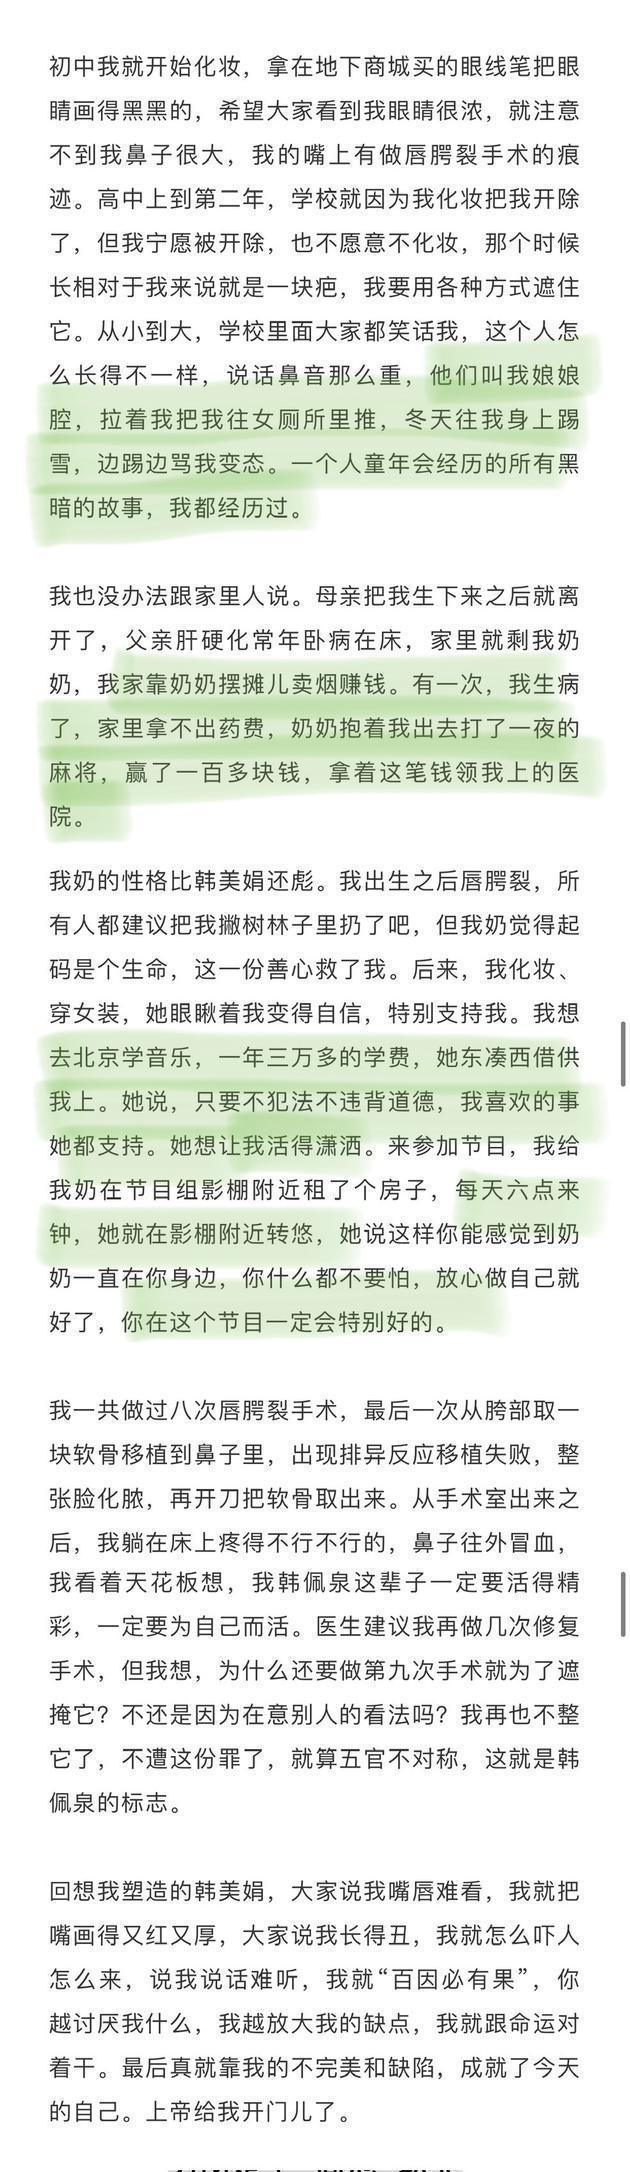 韩美娟称曾遭校园暴力 遮唇腭裂痕迹化妆被开除